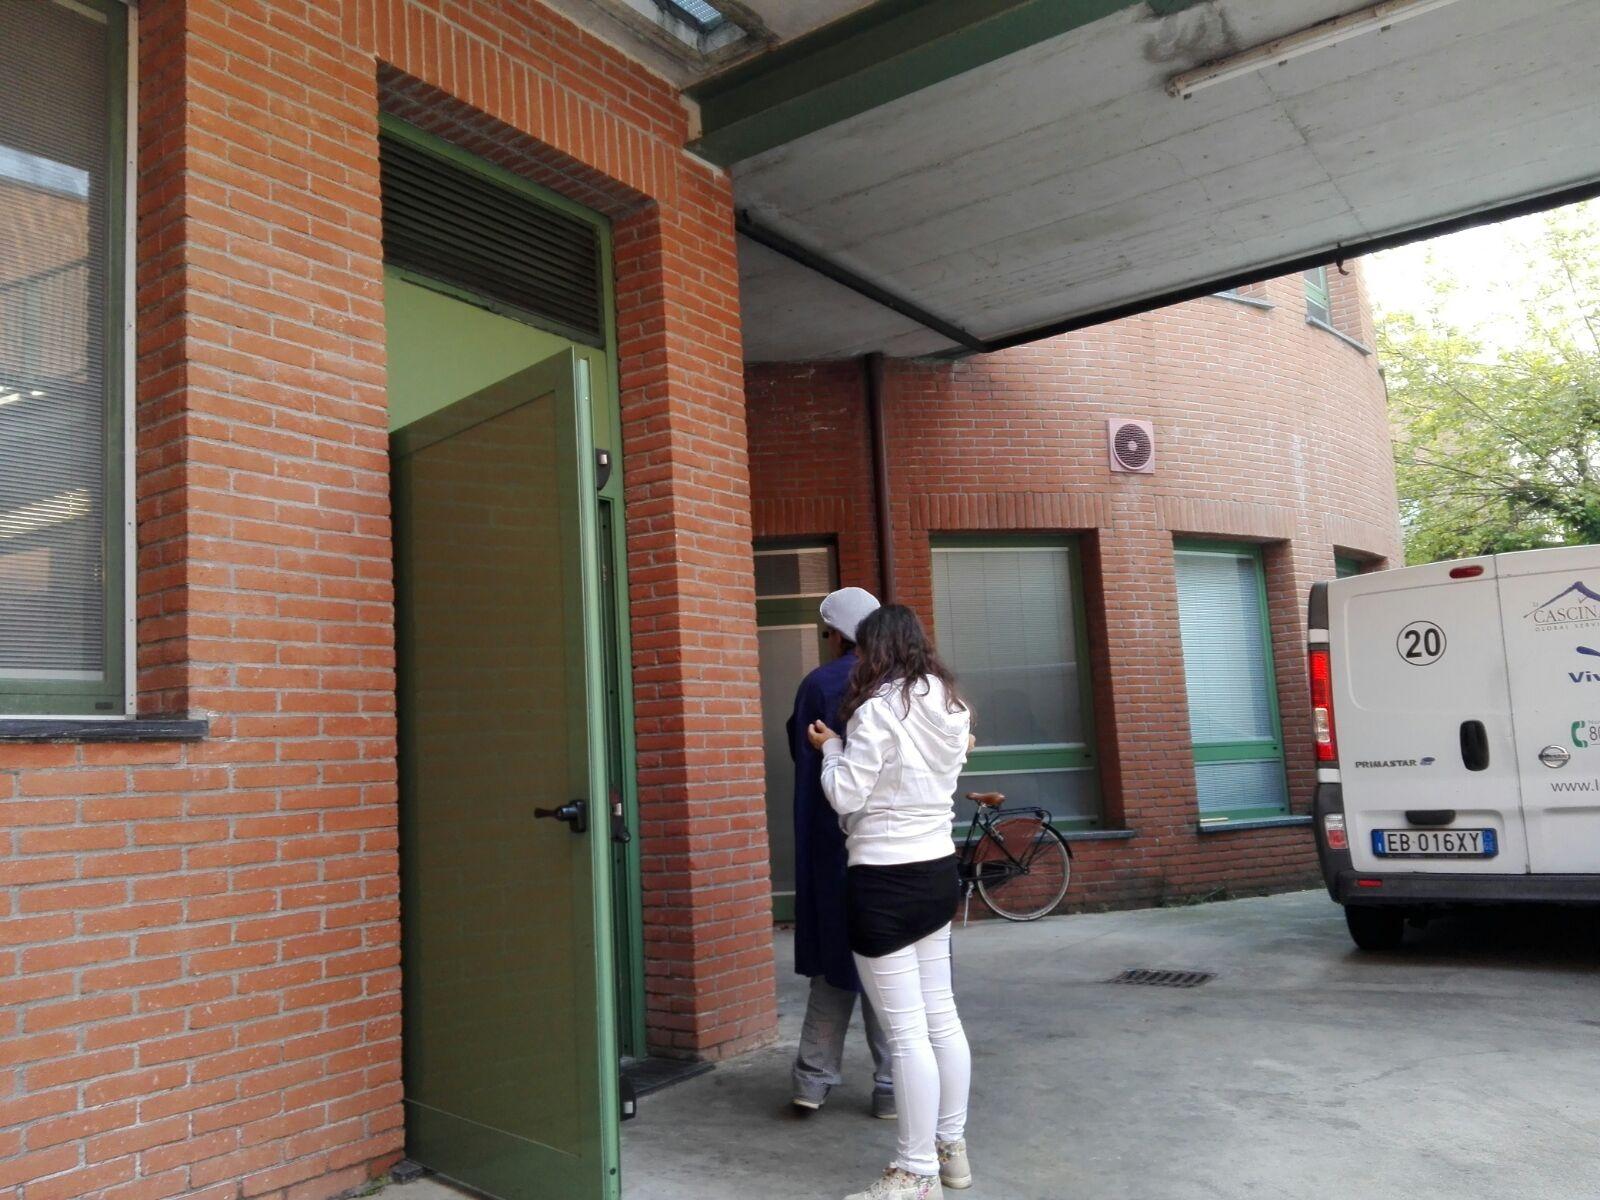 scuola di scherma monza charleston - photo#11